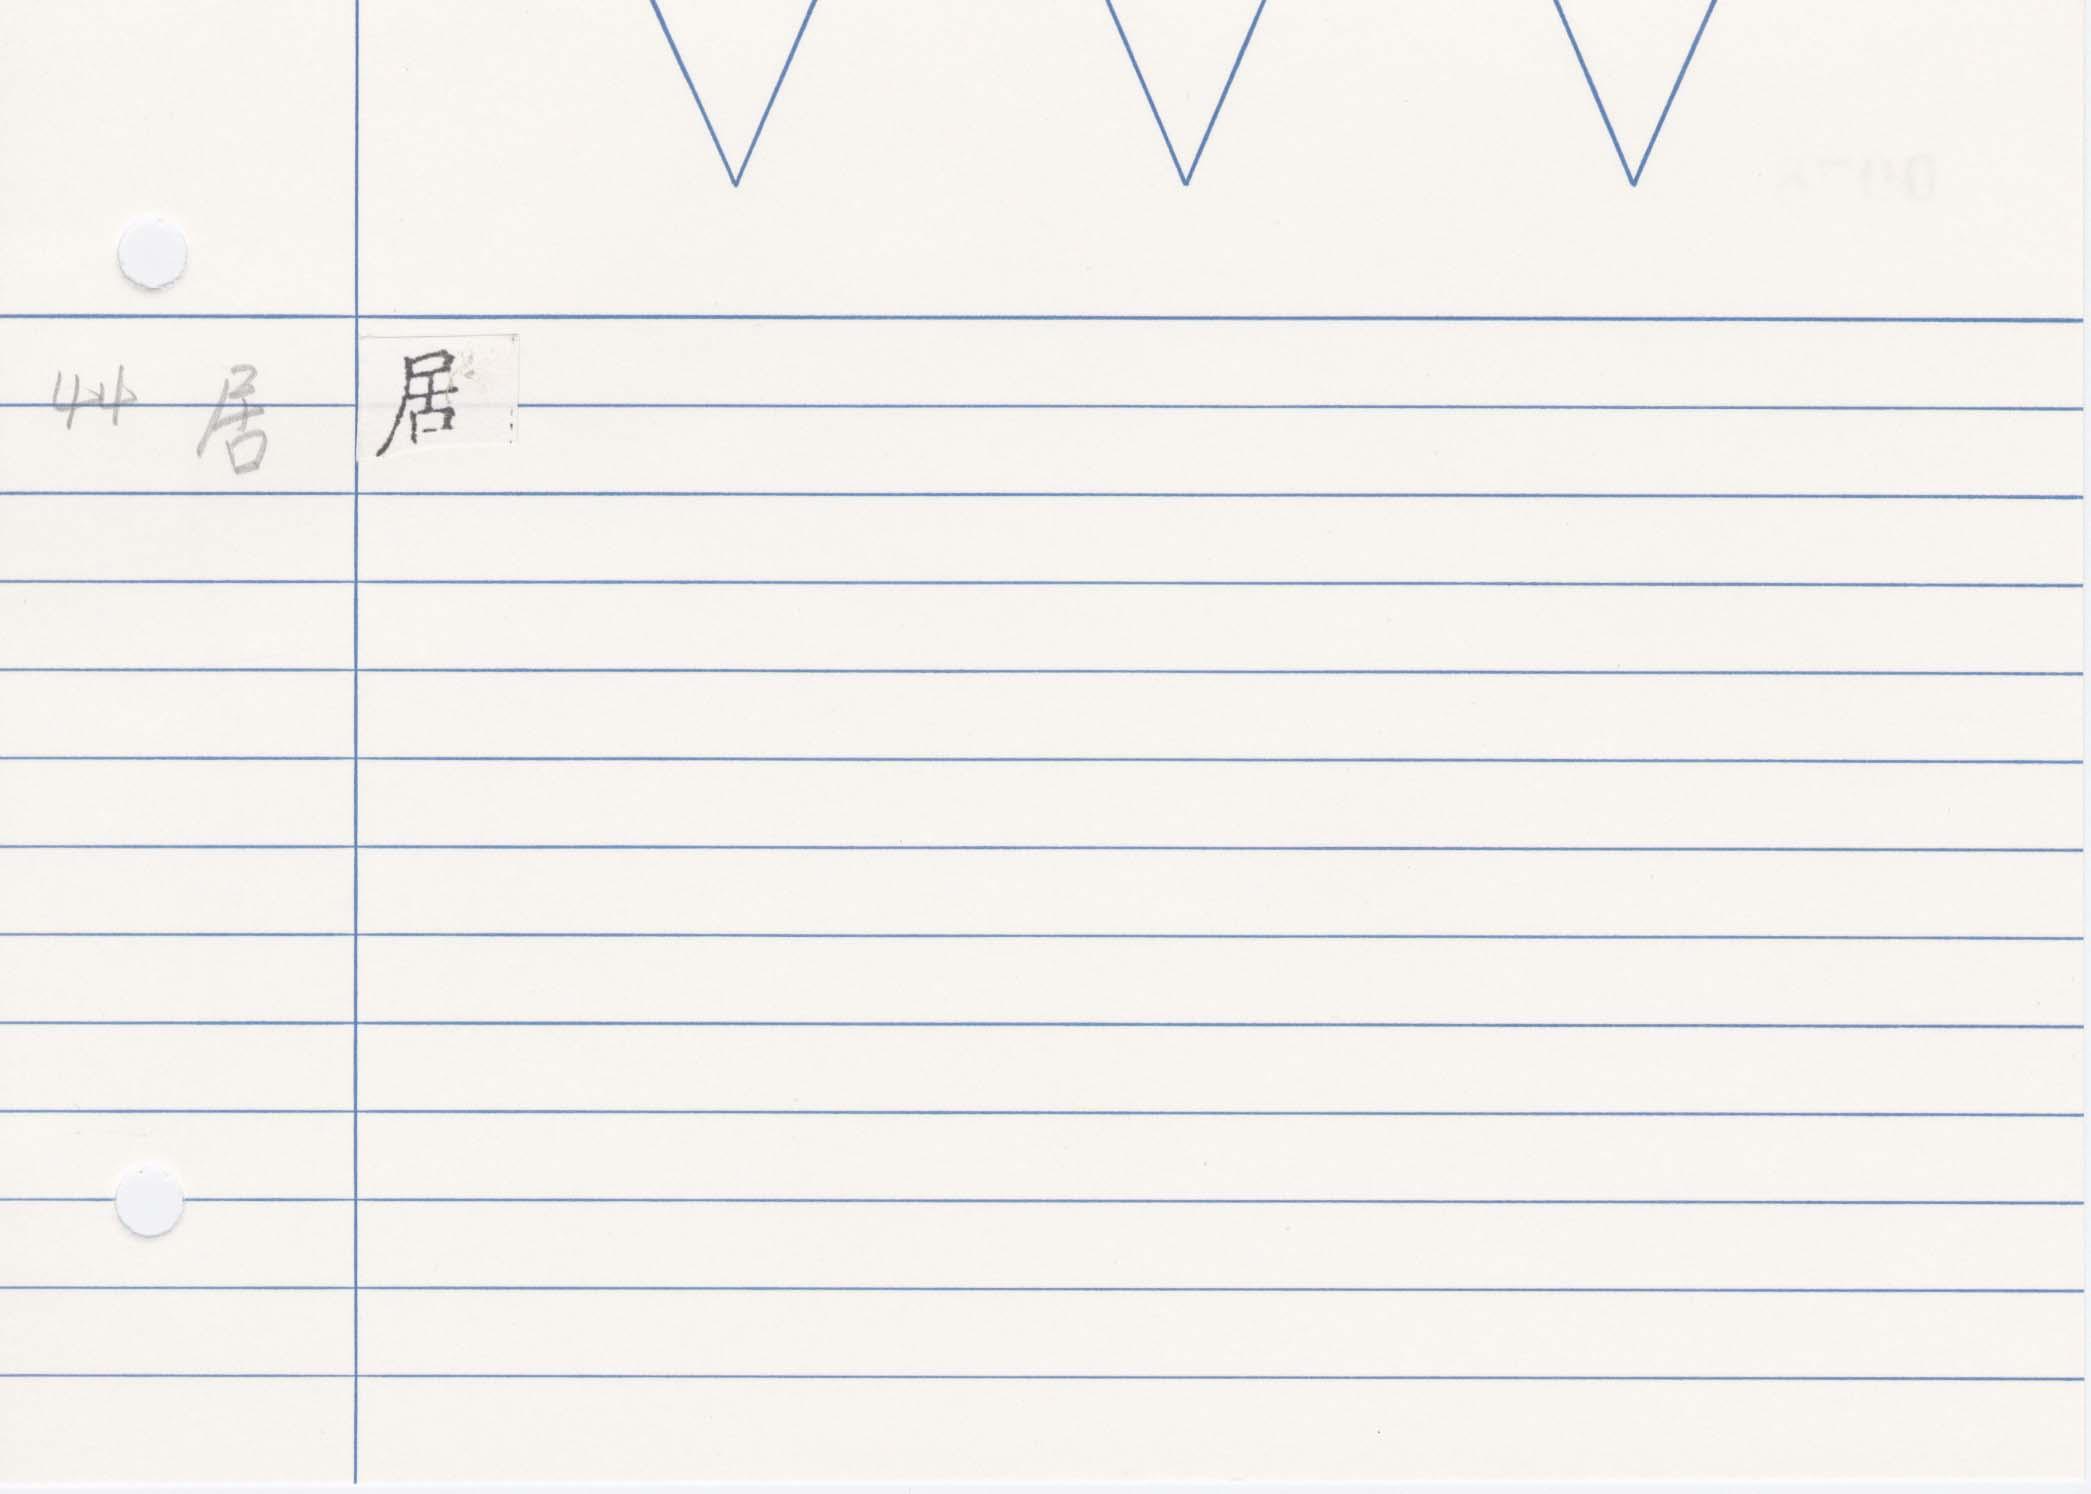 26_齊民要術卷五(高山寺本)/cards/0078.jpg